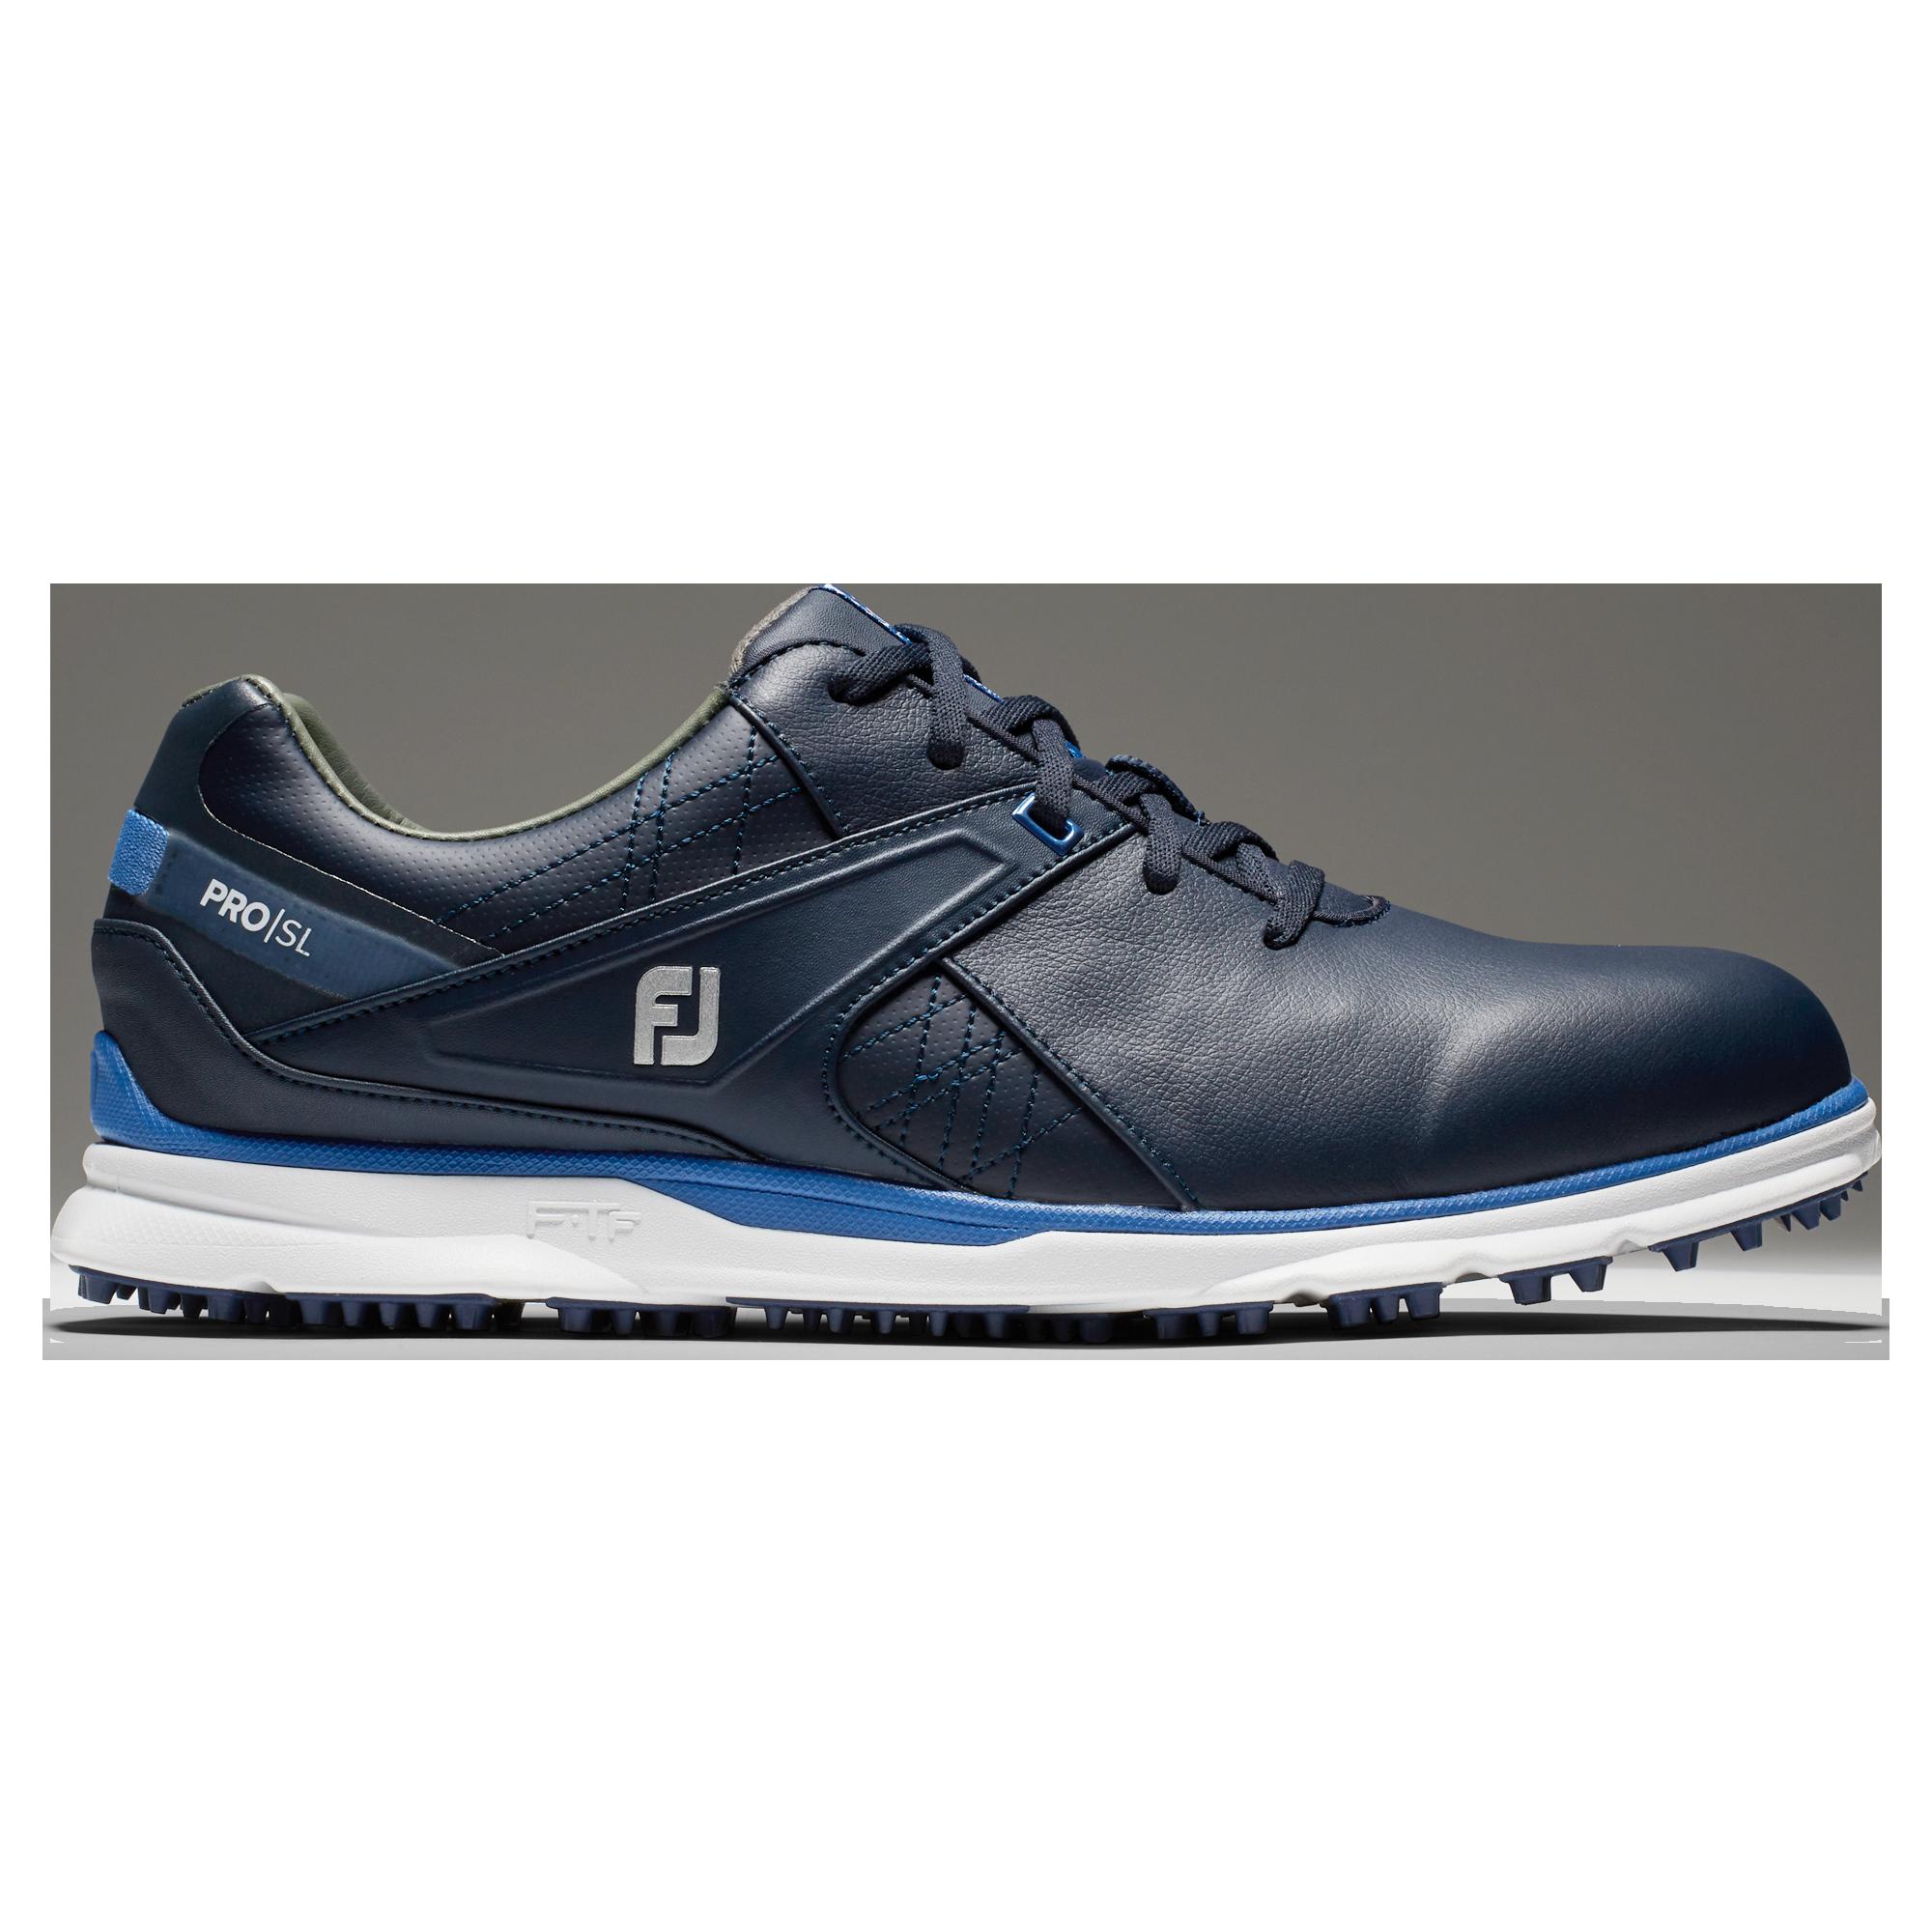 Pro|SL Men's Golf Shoe | FootJoy